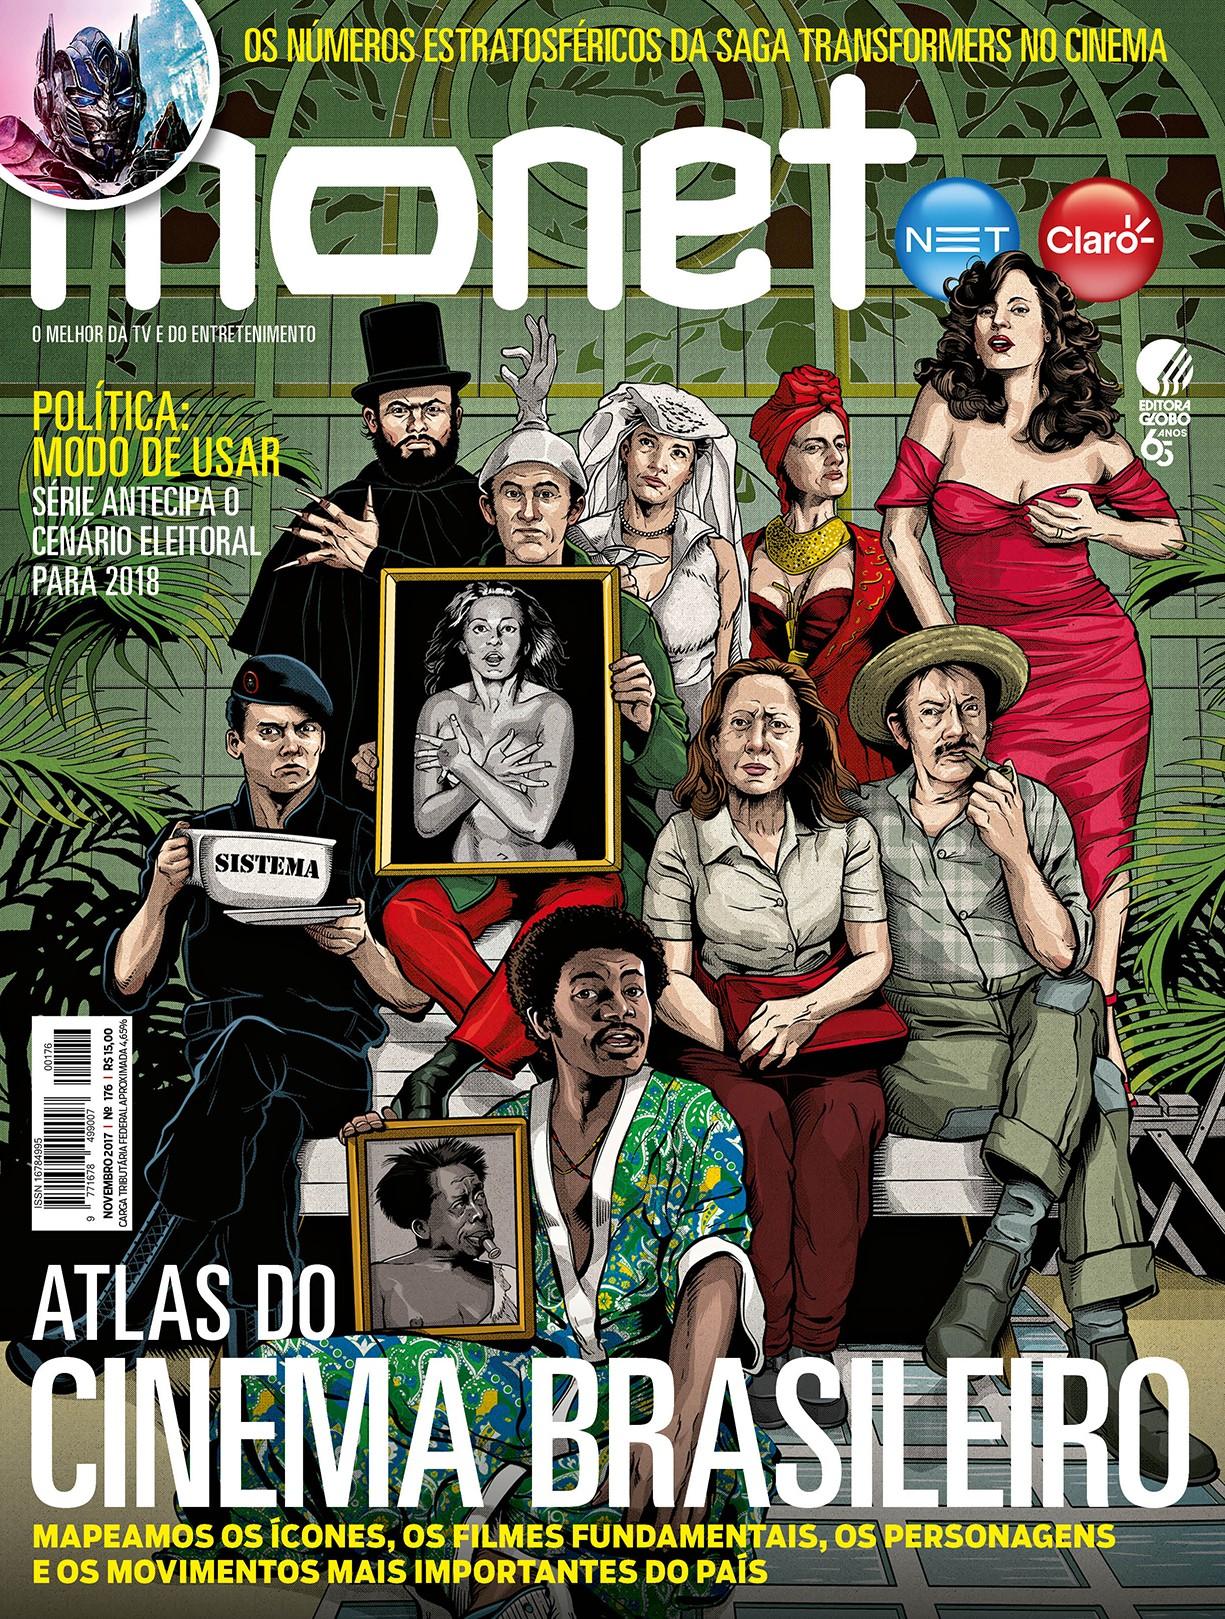 Revista Monet - Edição 176 - Novembro/2017 (Foto: Revista Monet (Ilustração: Cristiano Siqueira))